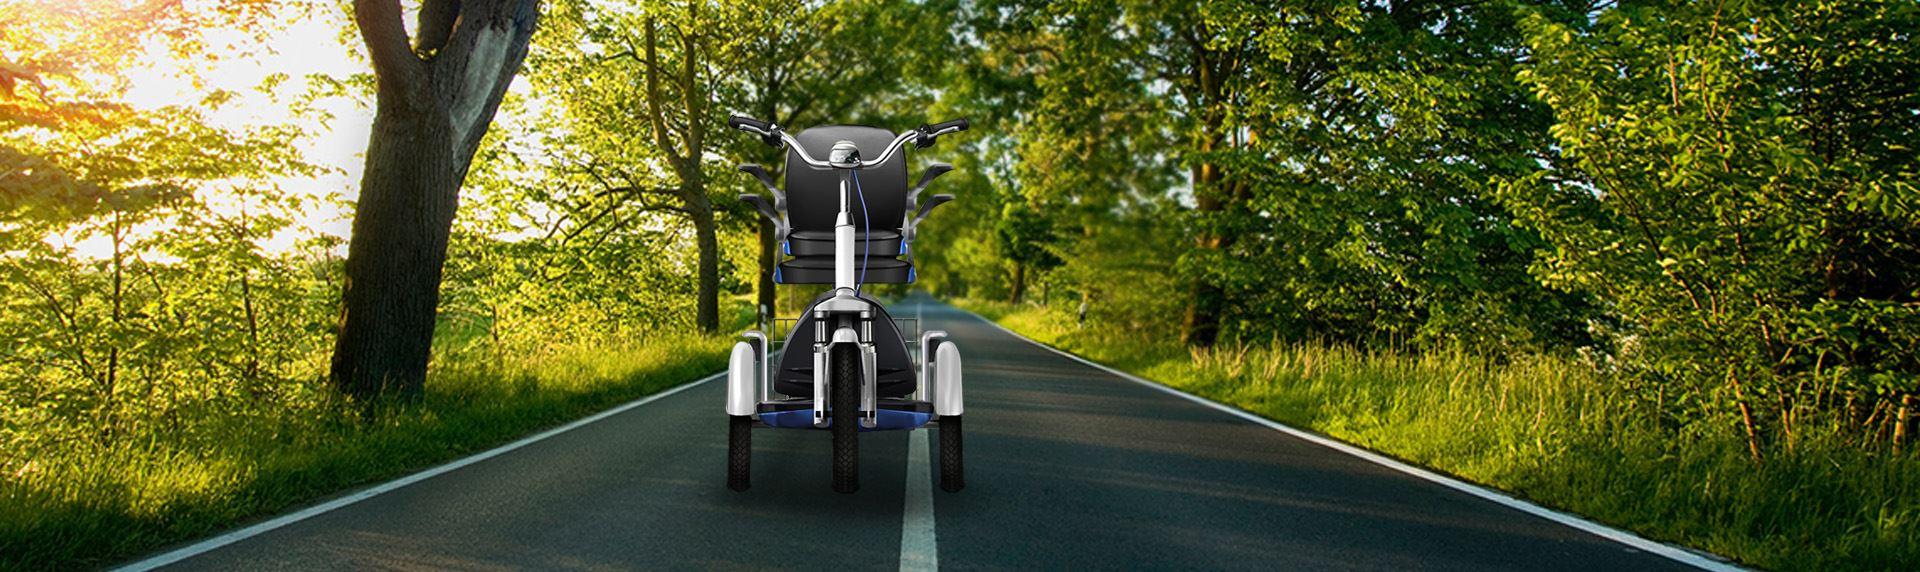 谷歌设计-老人代步车